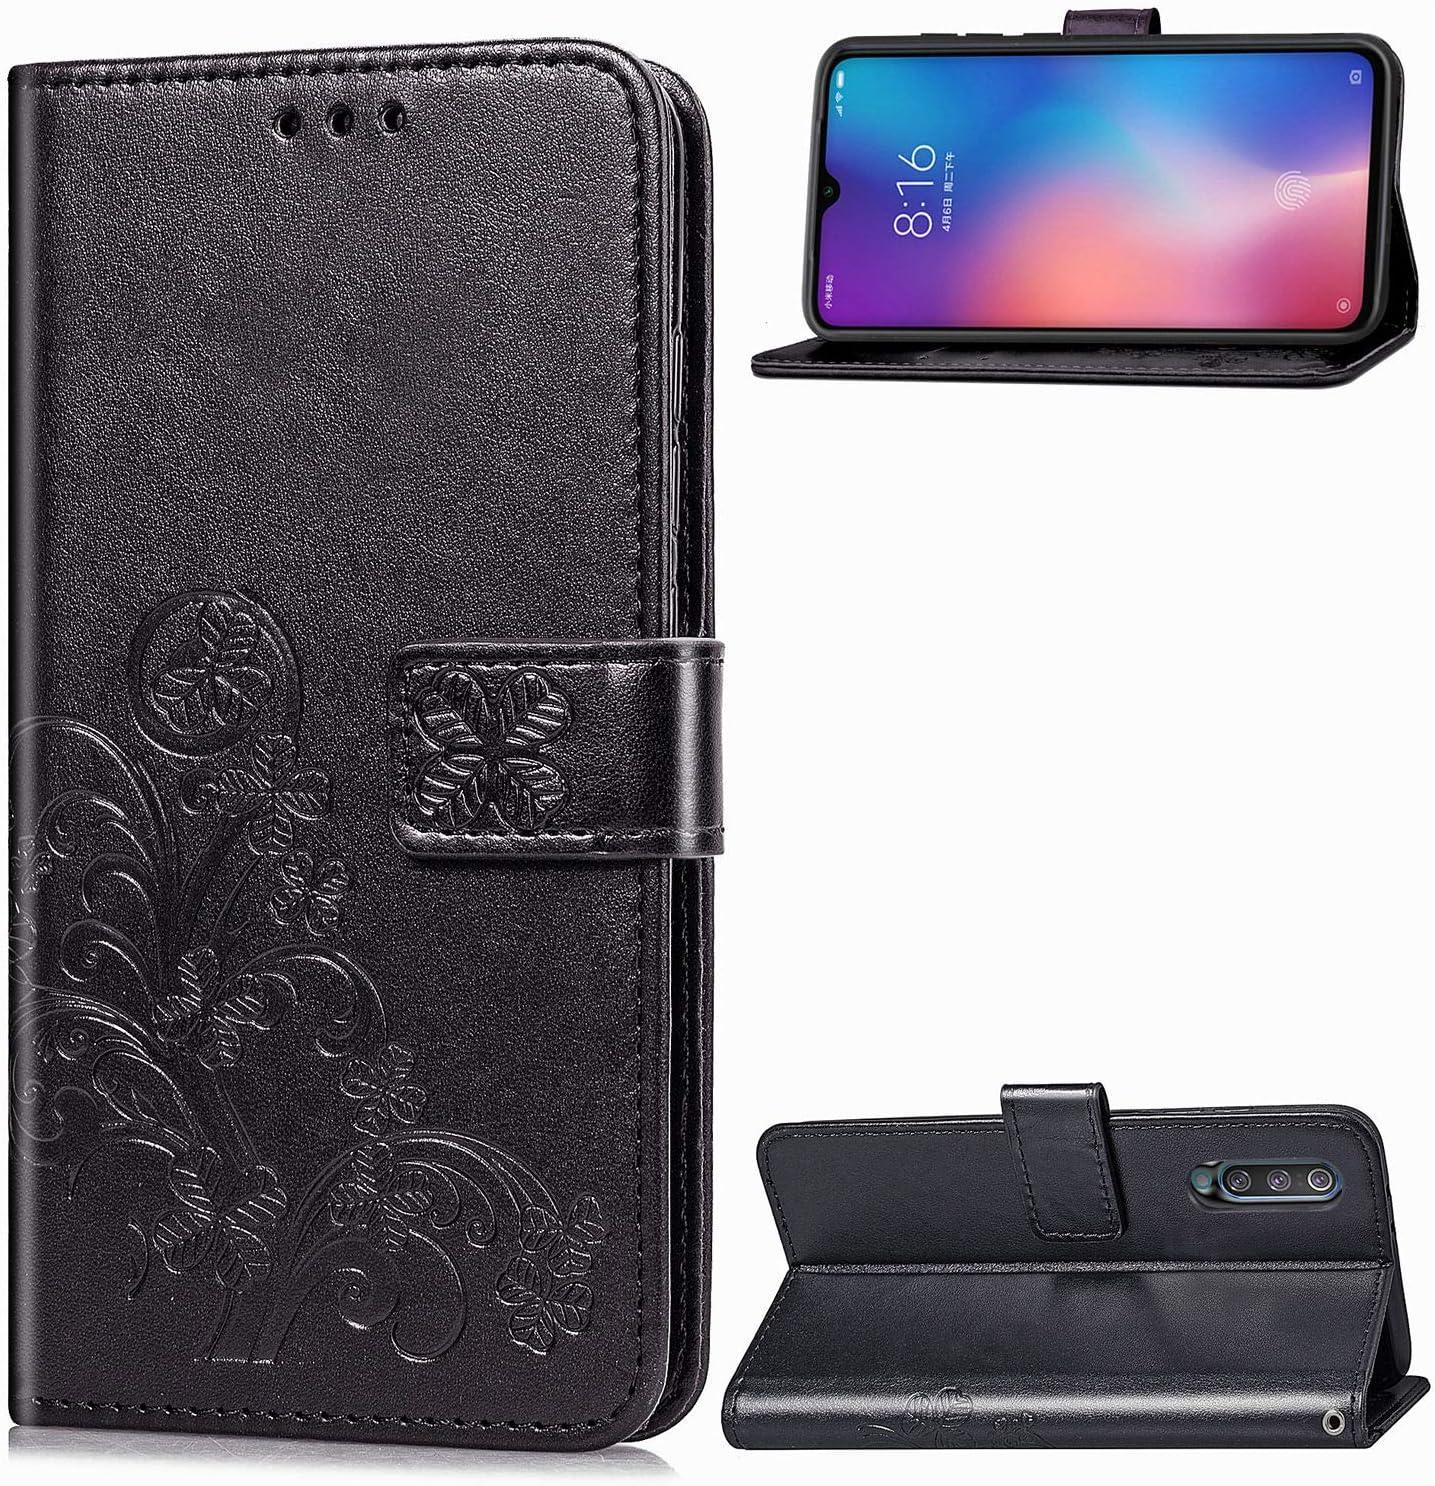 LOSDA041697 Blu Lomogo Cover Xiaomi Mi 9 Portafoglio Custodia a Libro Pelle Porta Carte Chiusura Magnetica Antiurto Flip Wallet Case per Xiaomi Mi9